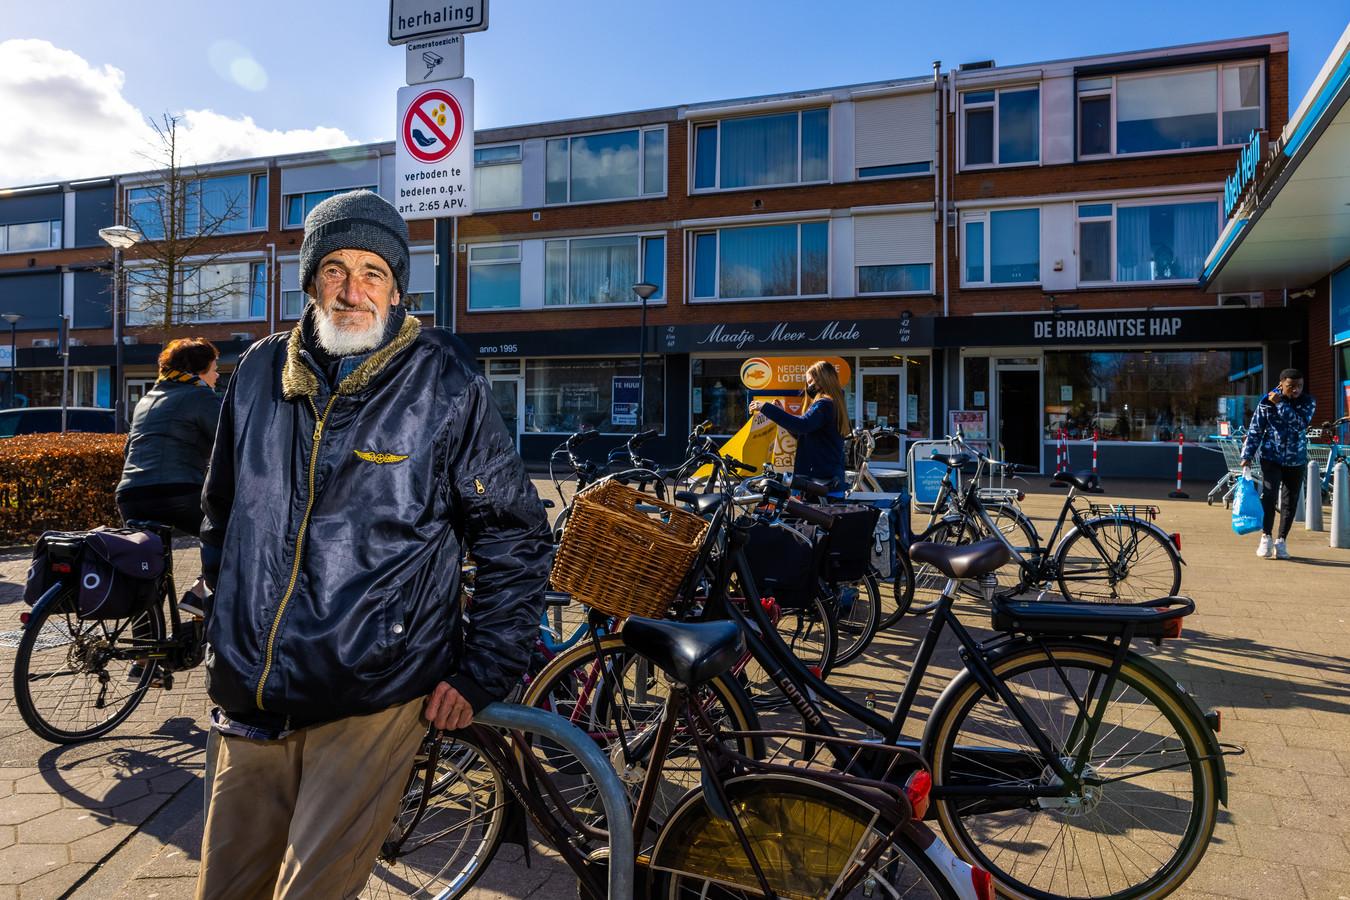 Rob Hamers bij het Bloemenoordplein in Waalwijk, waar eerder vanwege hem een bedelverbod is ingesteld.